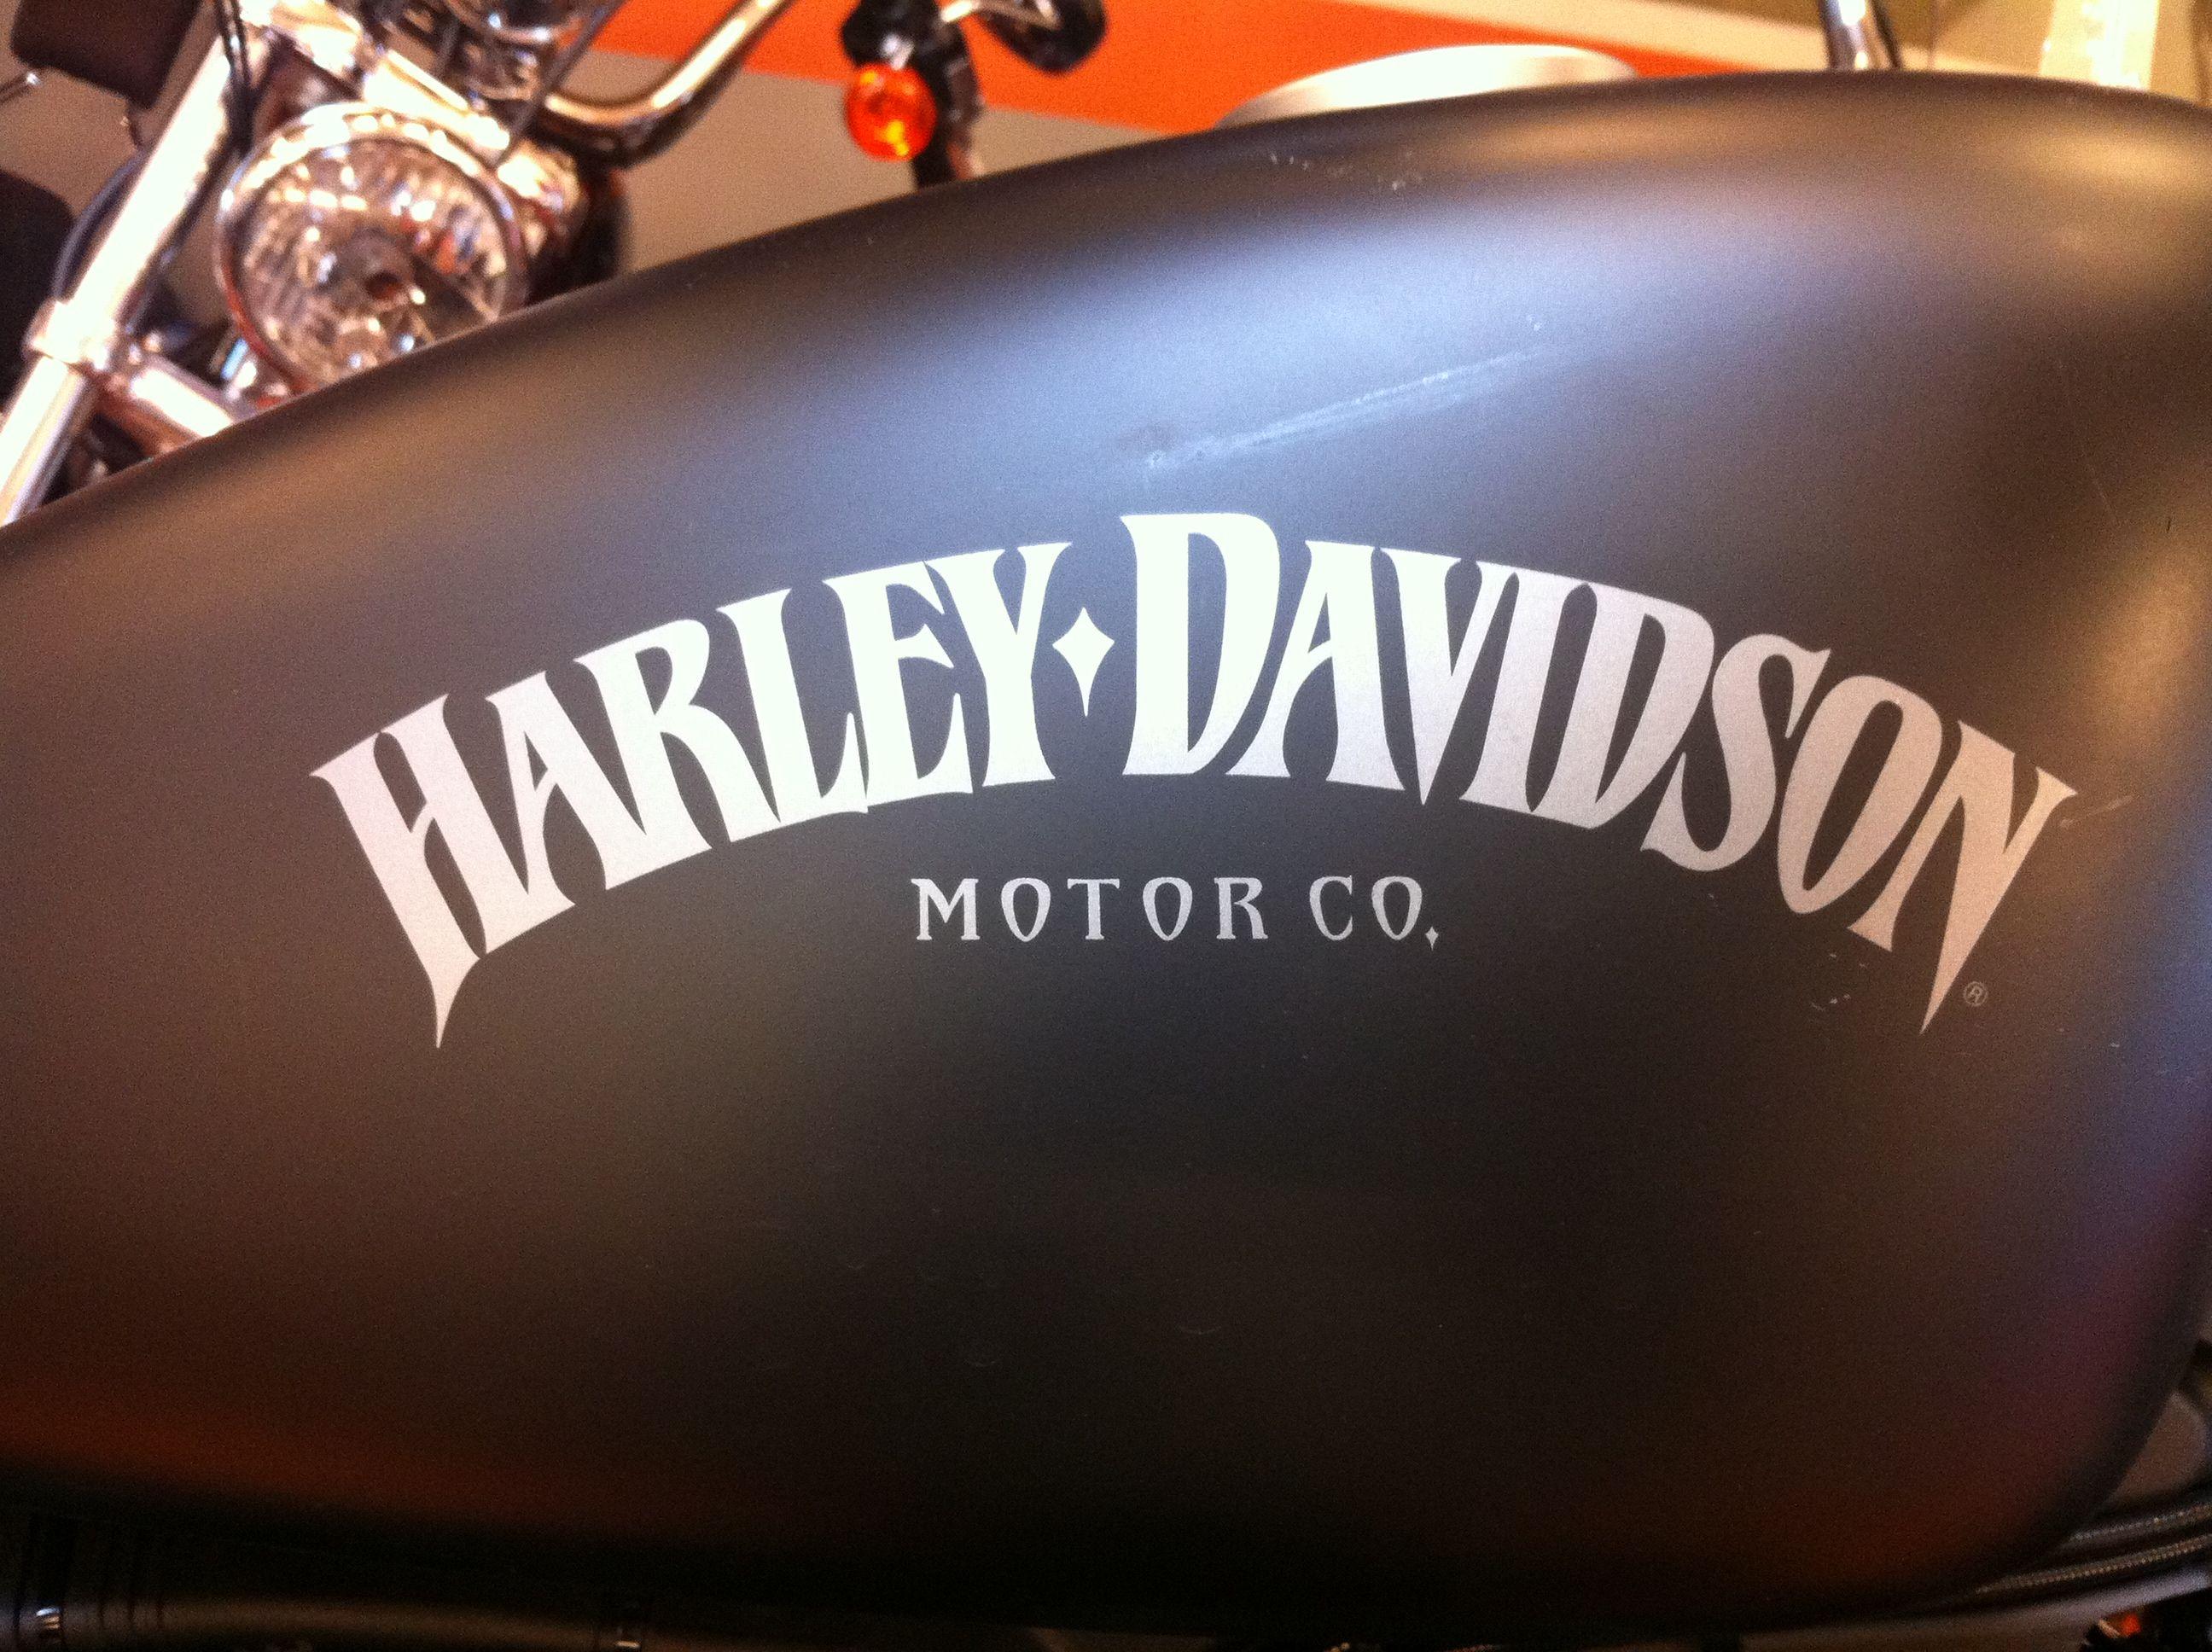 r servoir harley noir mat harley davidson customis es pinterest harley davidson. Black Bedroom Furniture Sets. Home Design Ideas